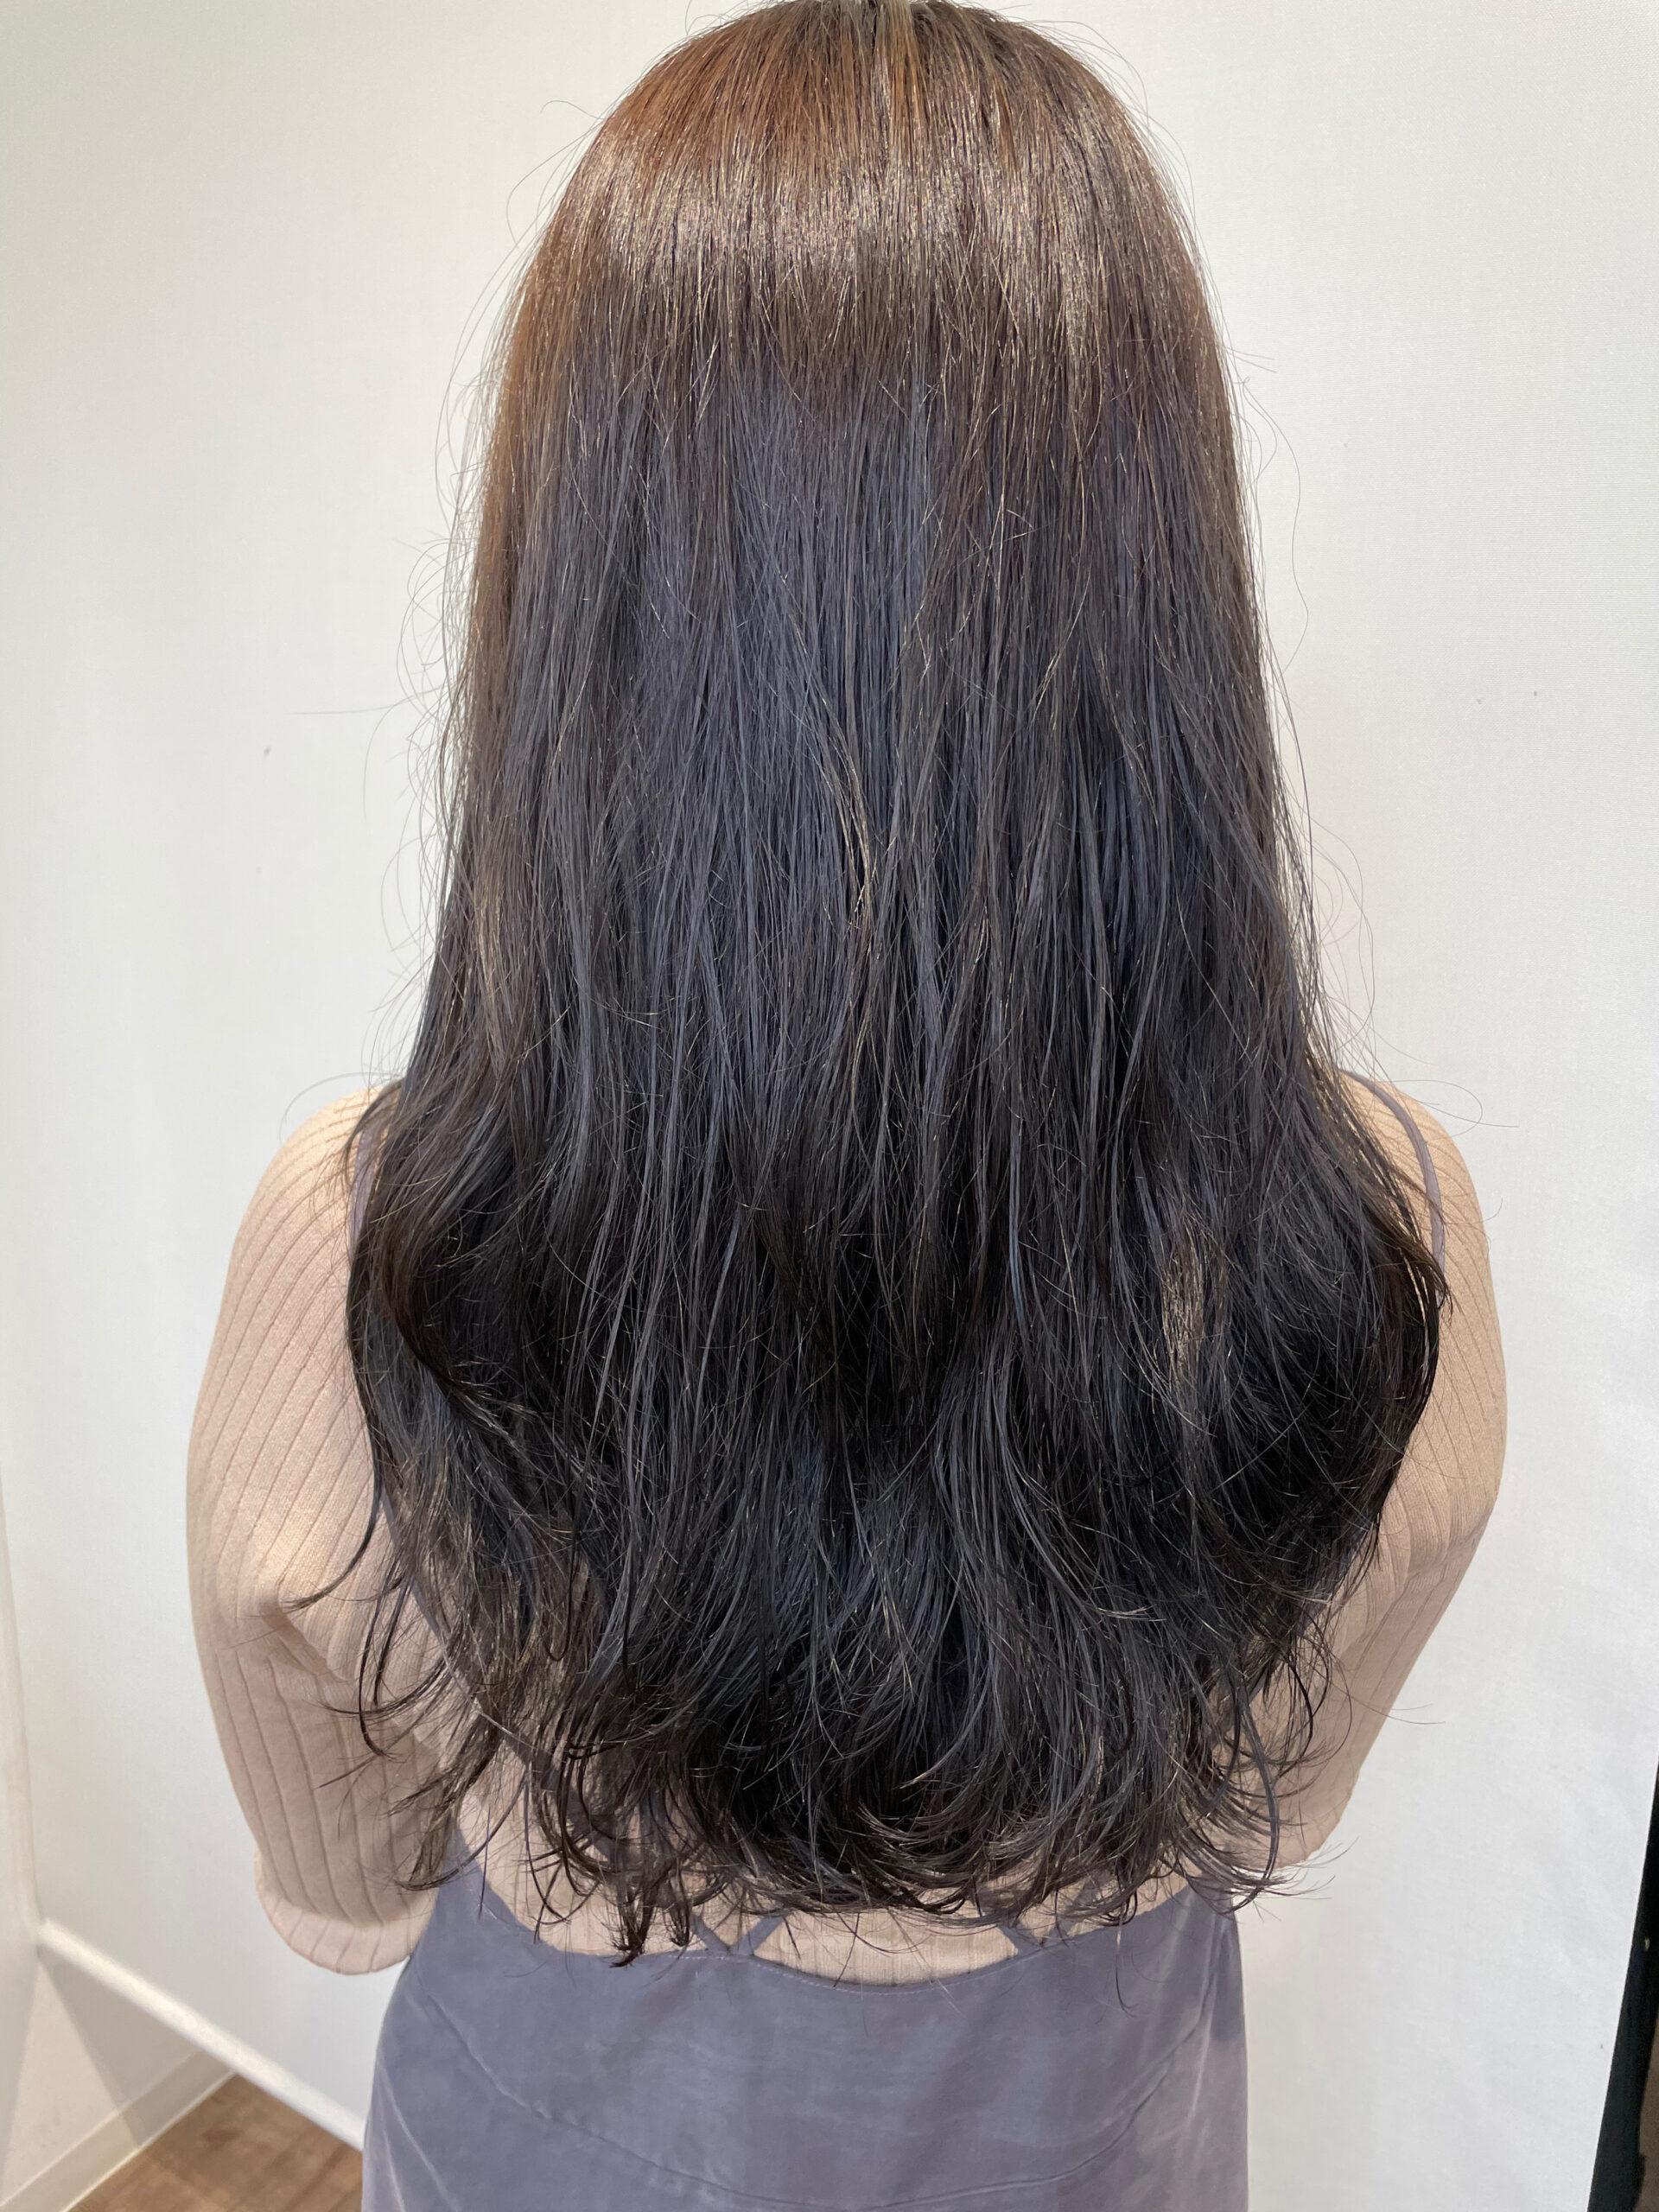 大分県別府市 ラベンダーグレージュの艶髪ヘアカラー アフター